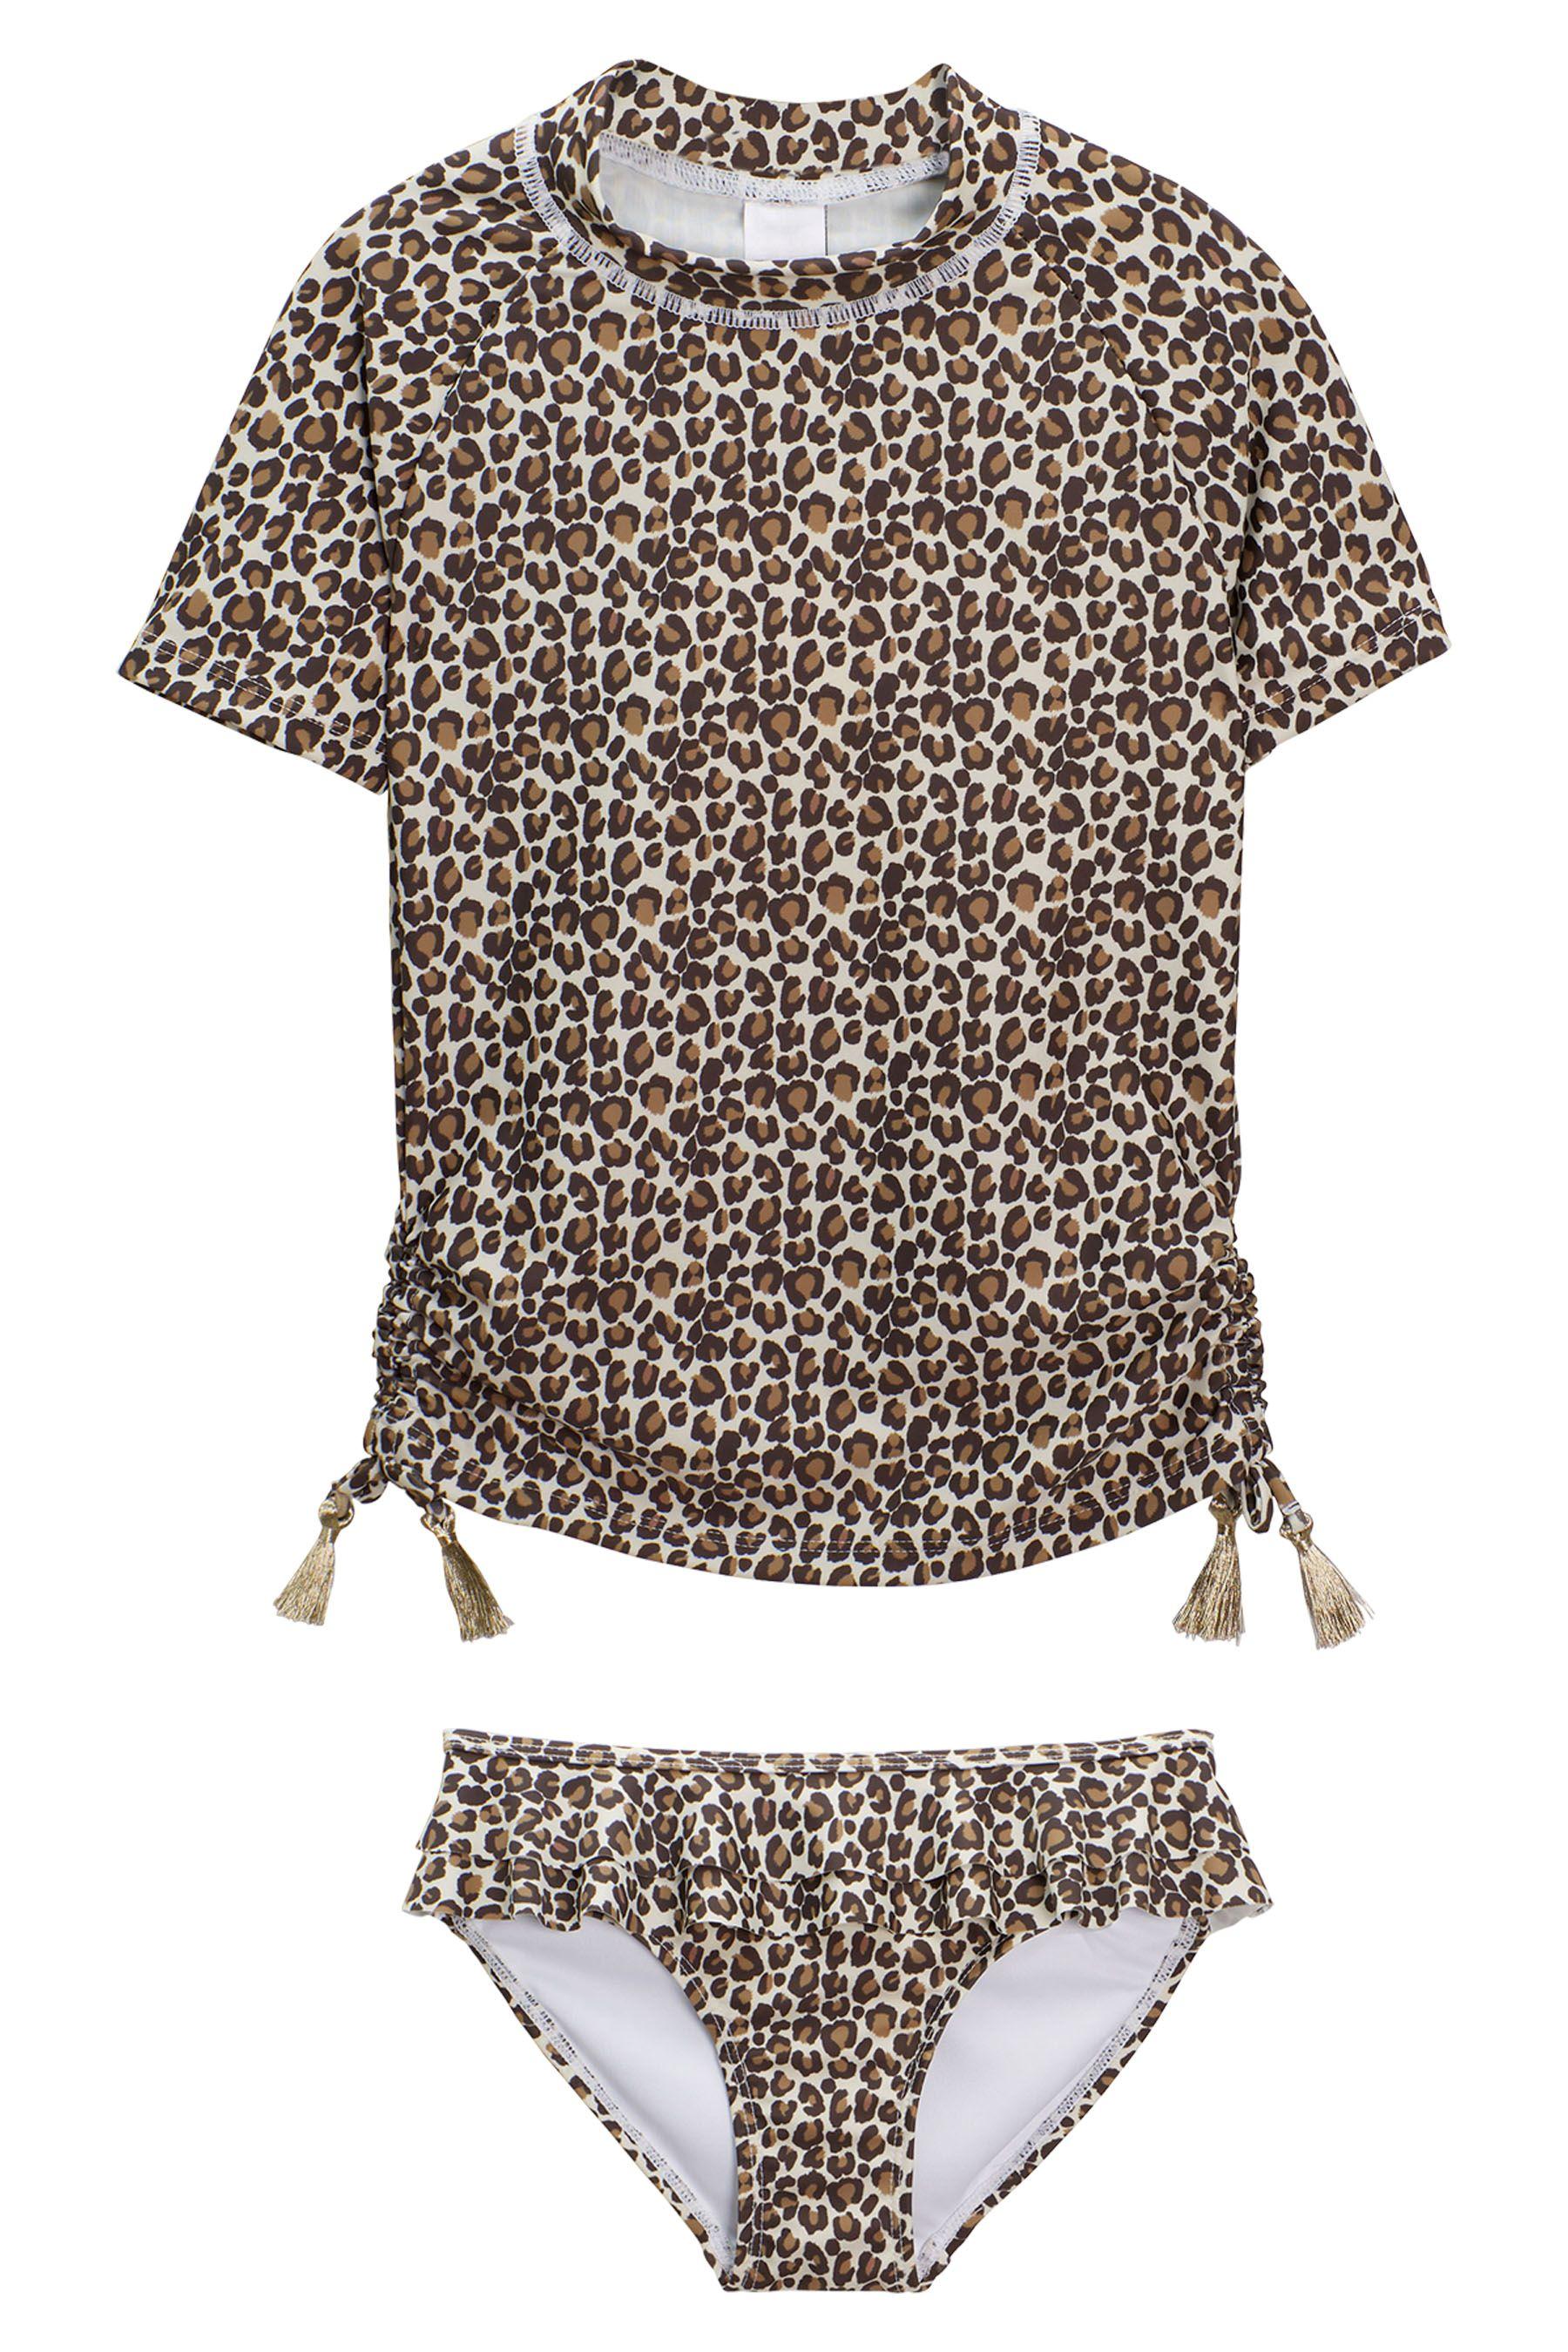 leopard-rash-vest-swimwear